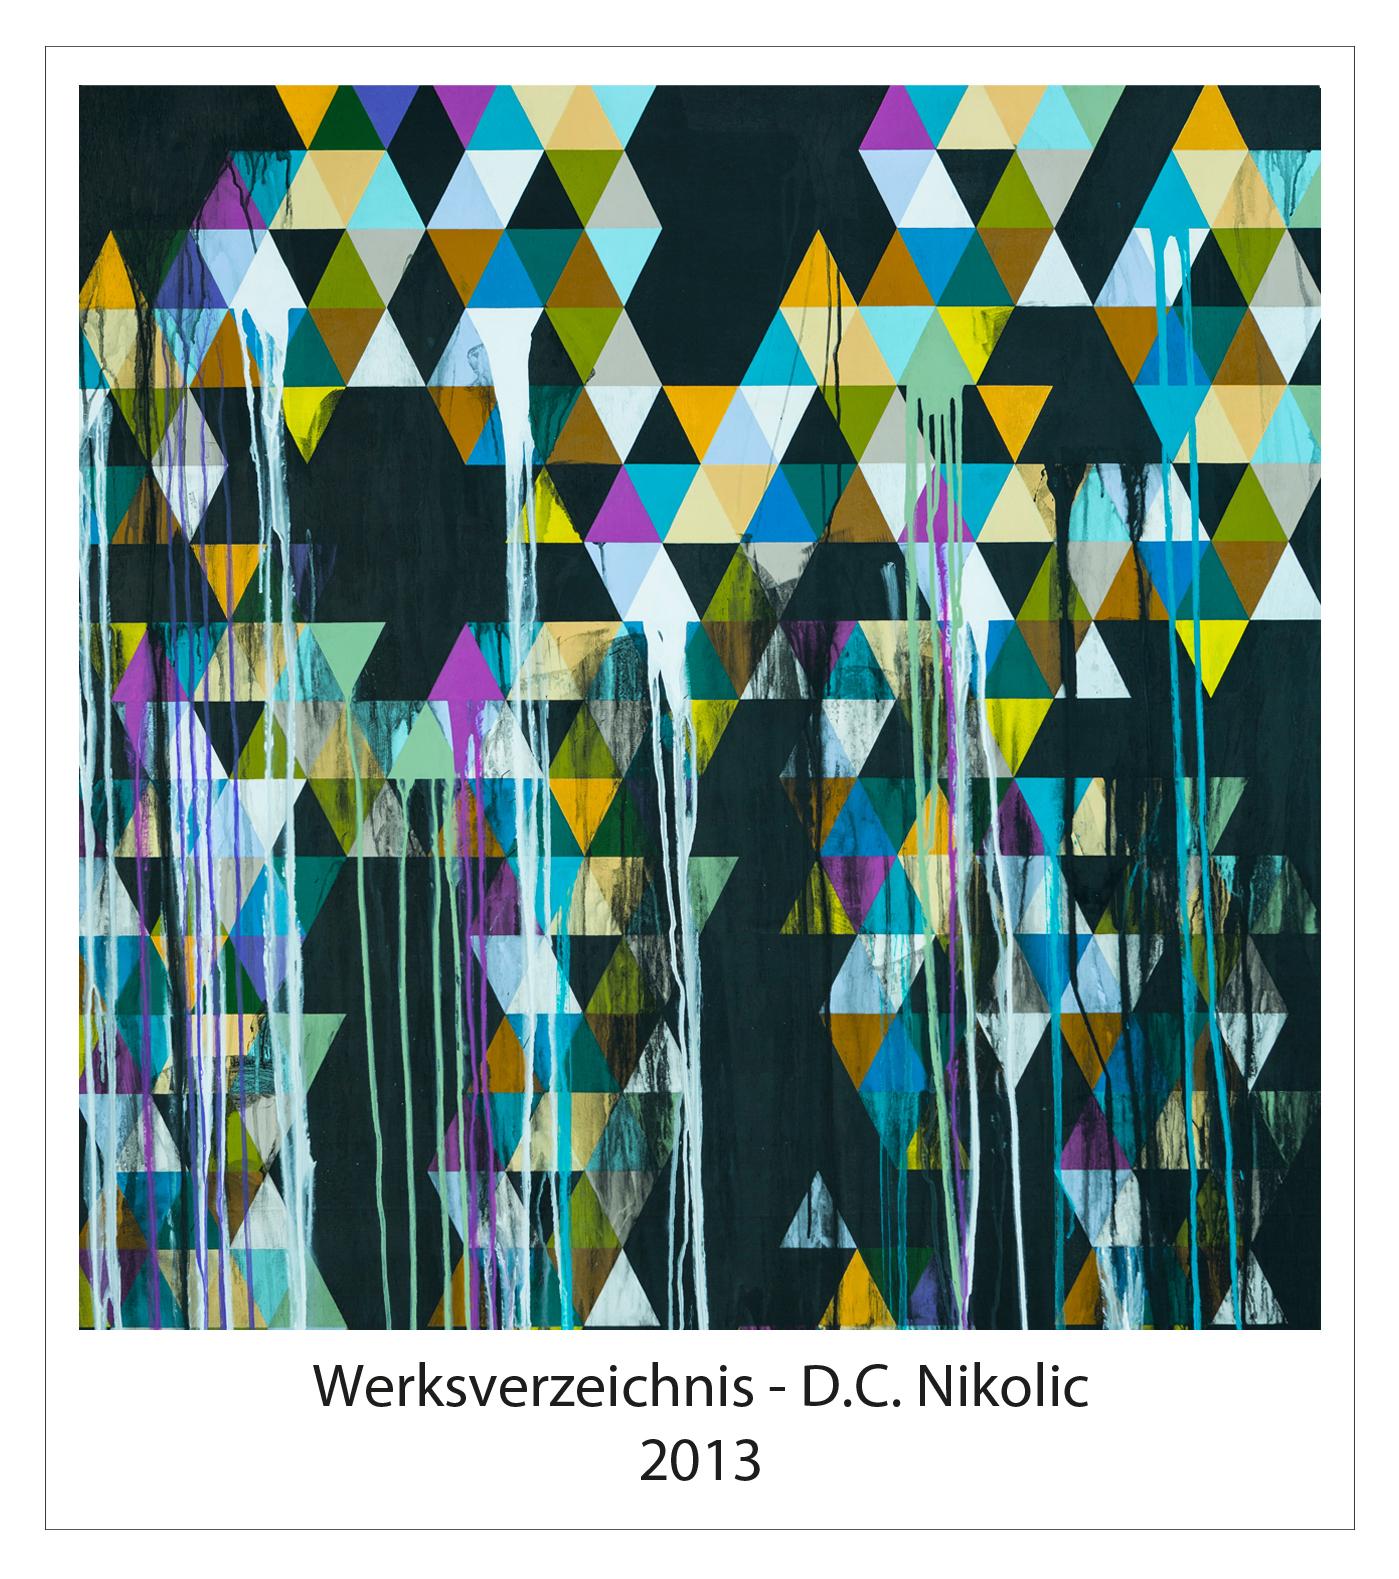 Werksverzeichnis 2013 Darko Caramello Nikolic